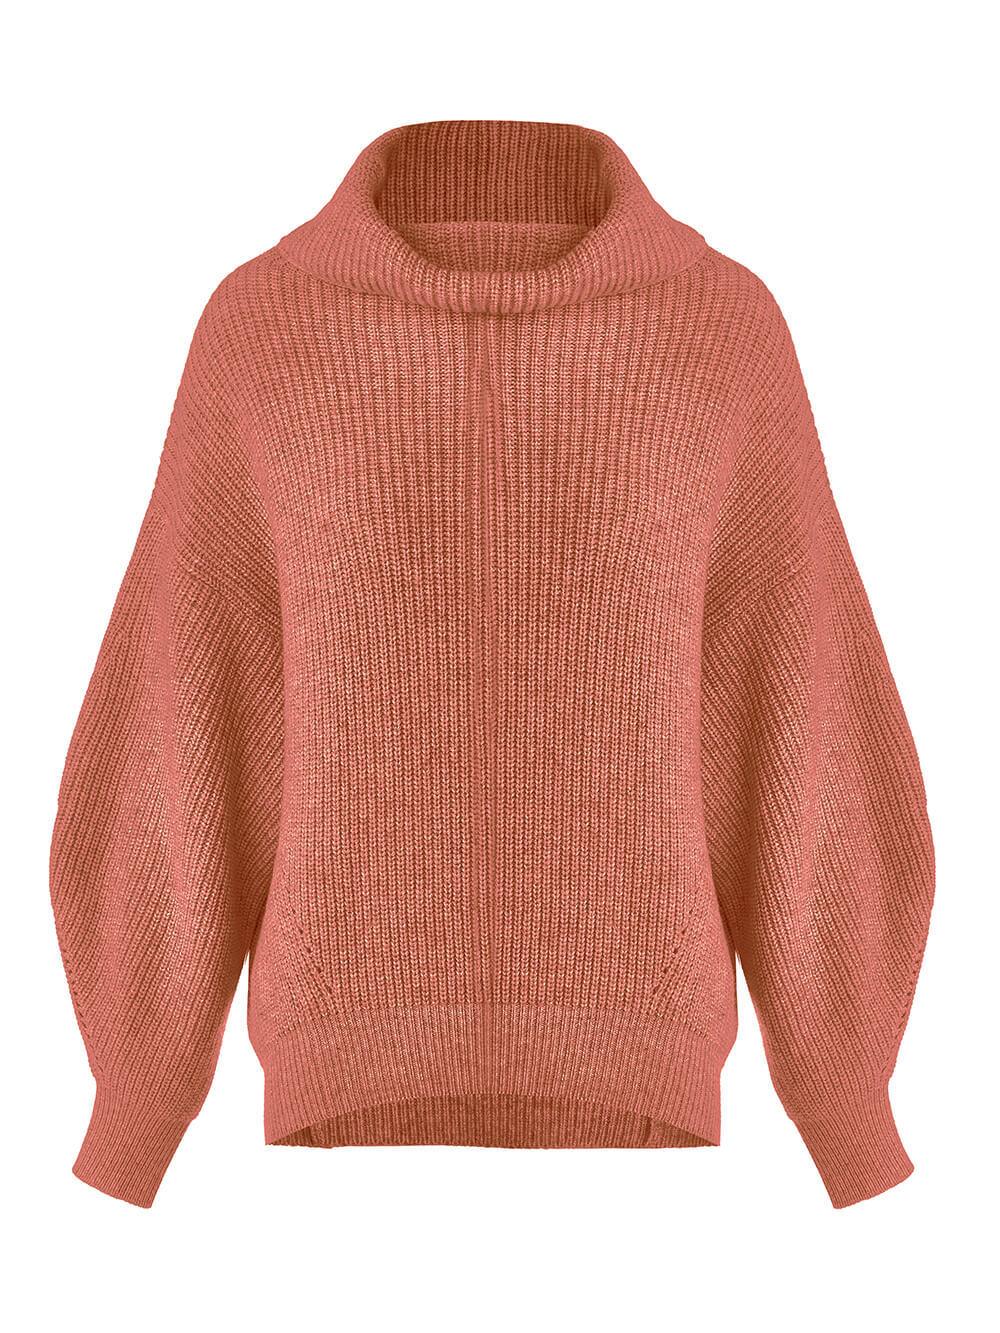 Женский свитер терракотового цвета из шерсти и кашемира - фото 1